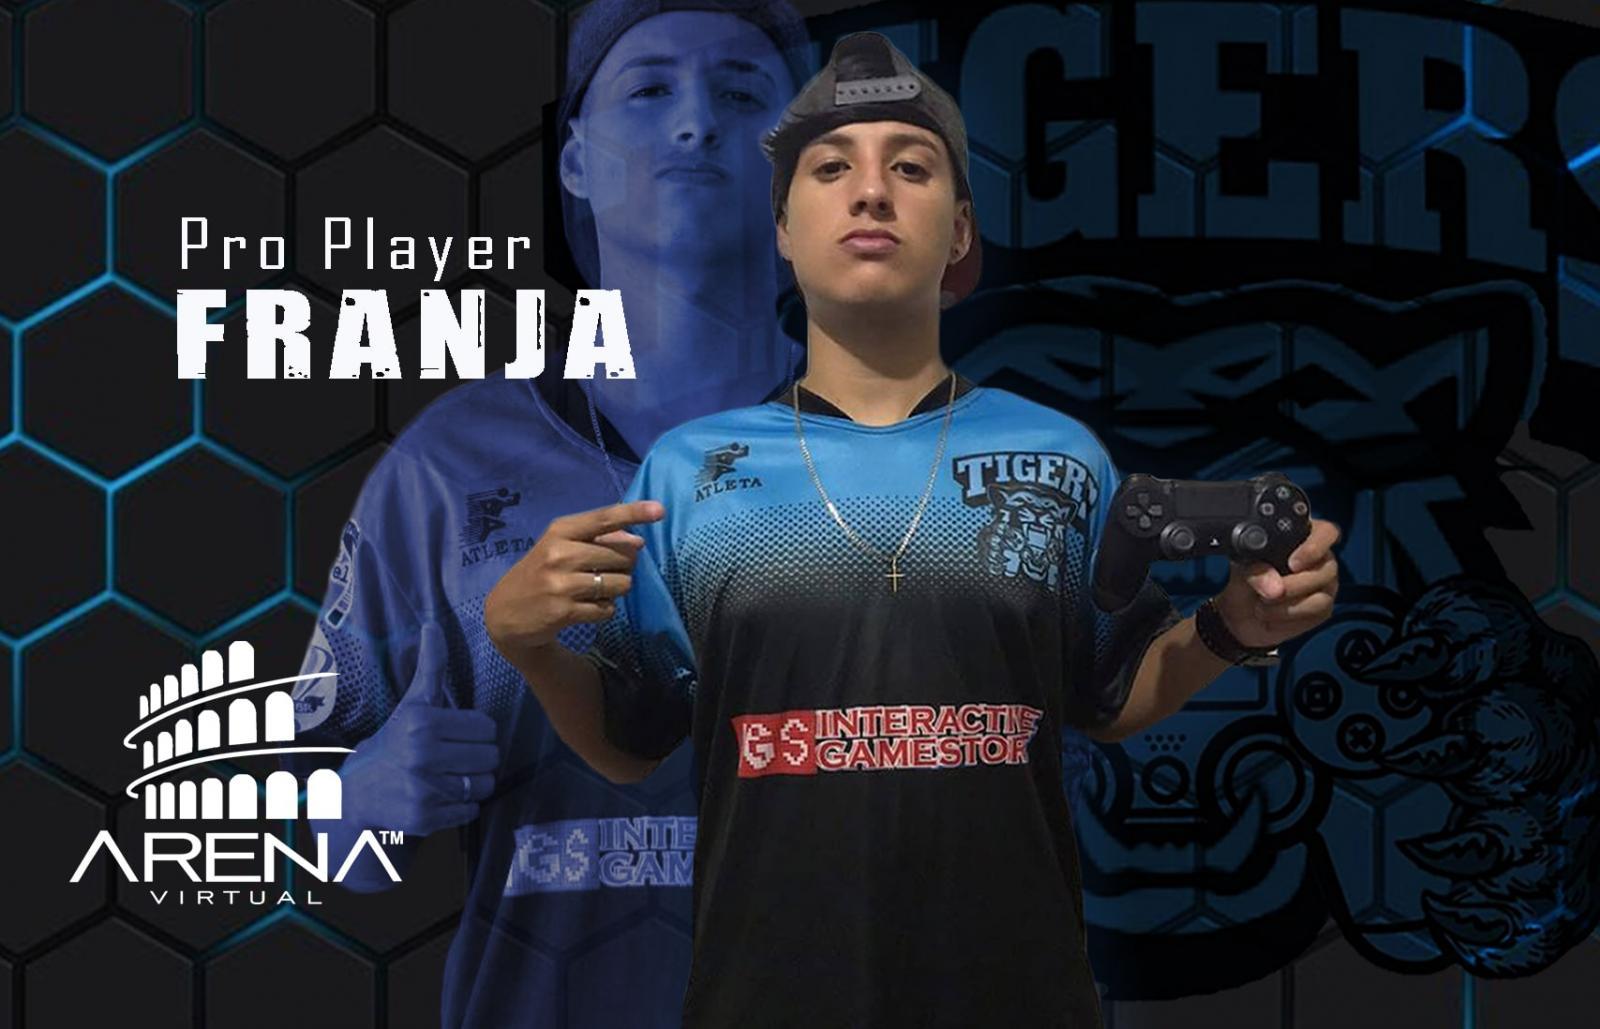 Pro Player Gabriel